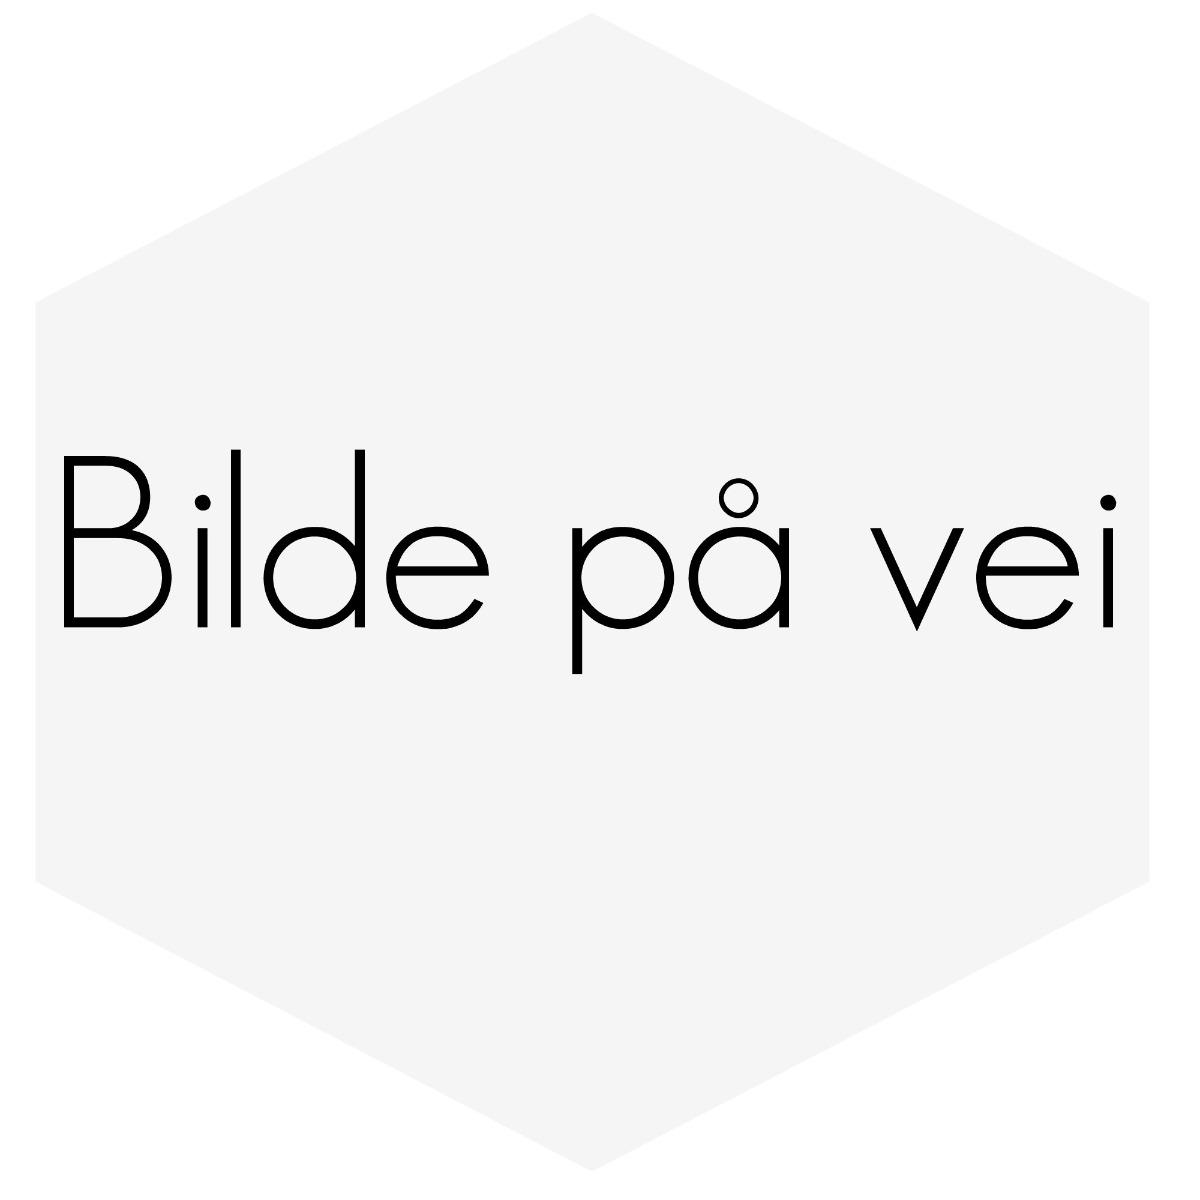 ØVRE FRONTPLATE/LÅSEPLATE I PLAST 700>88 3503033